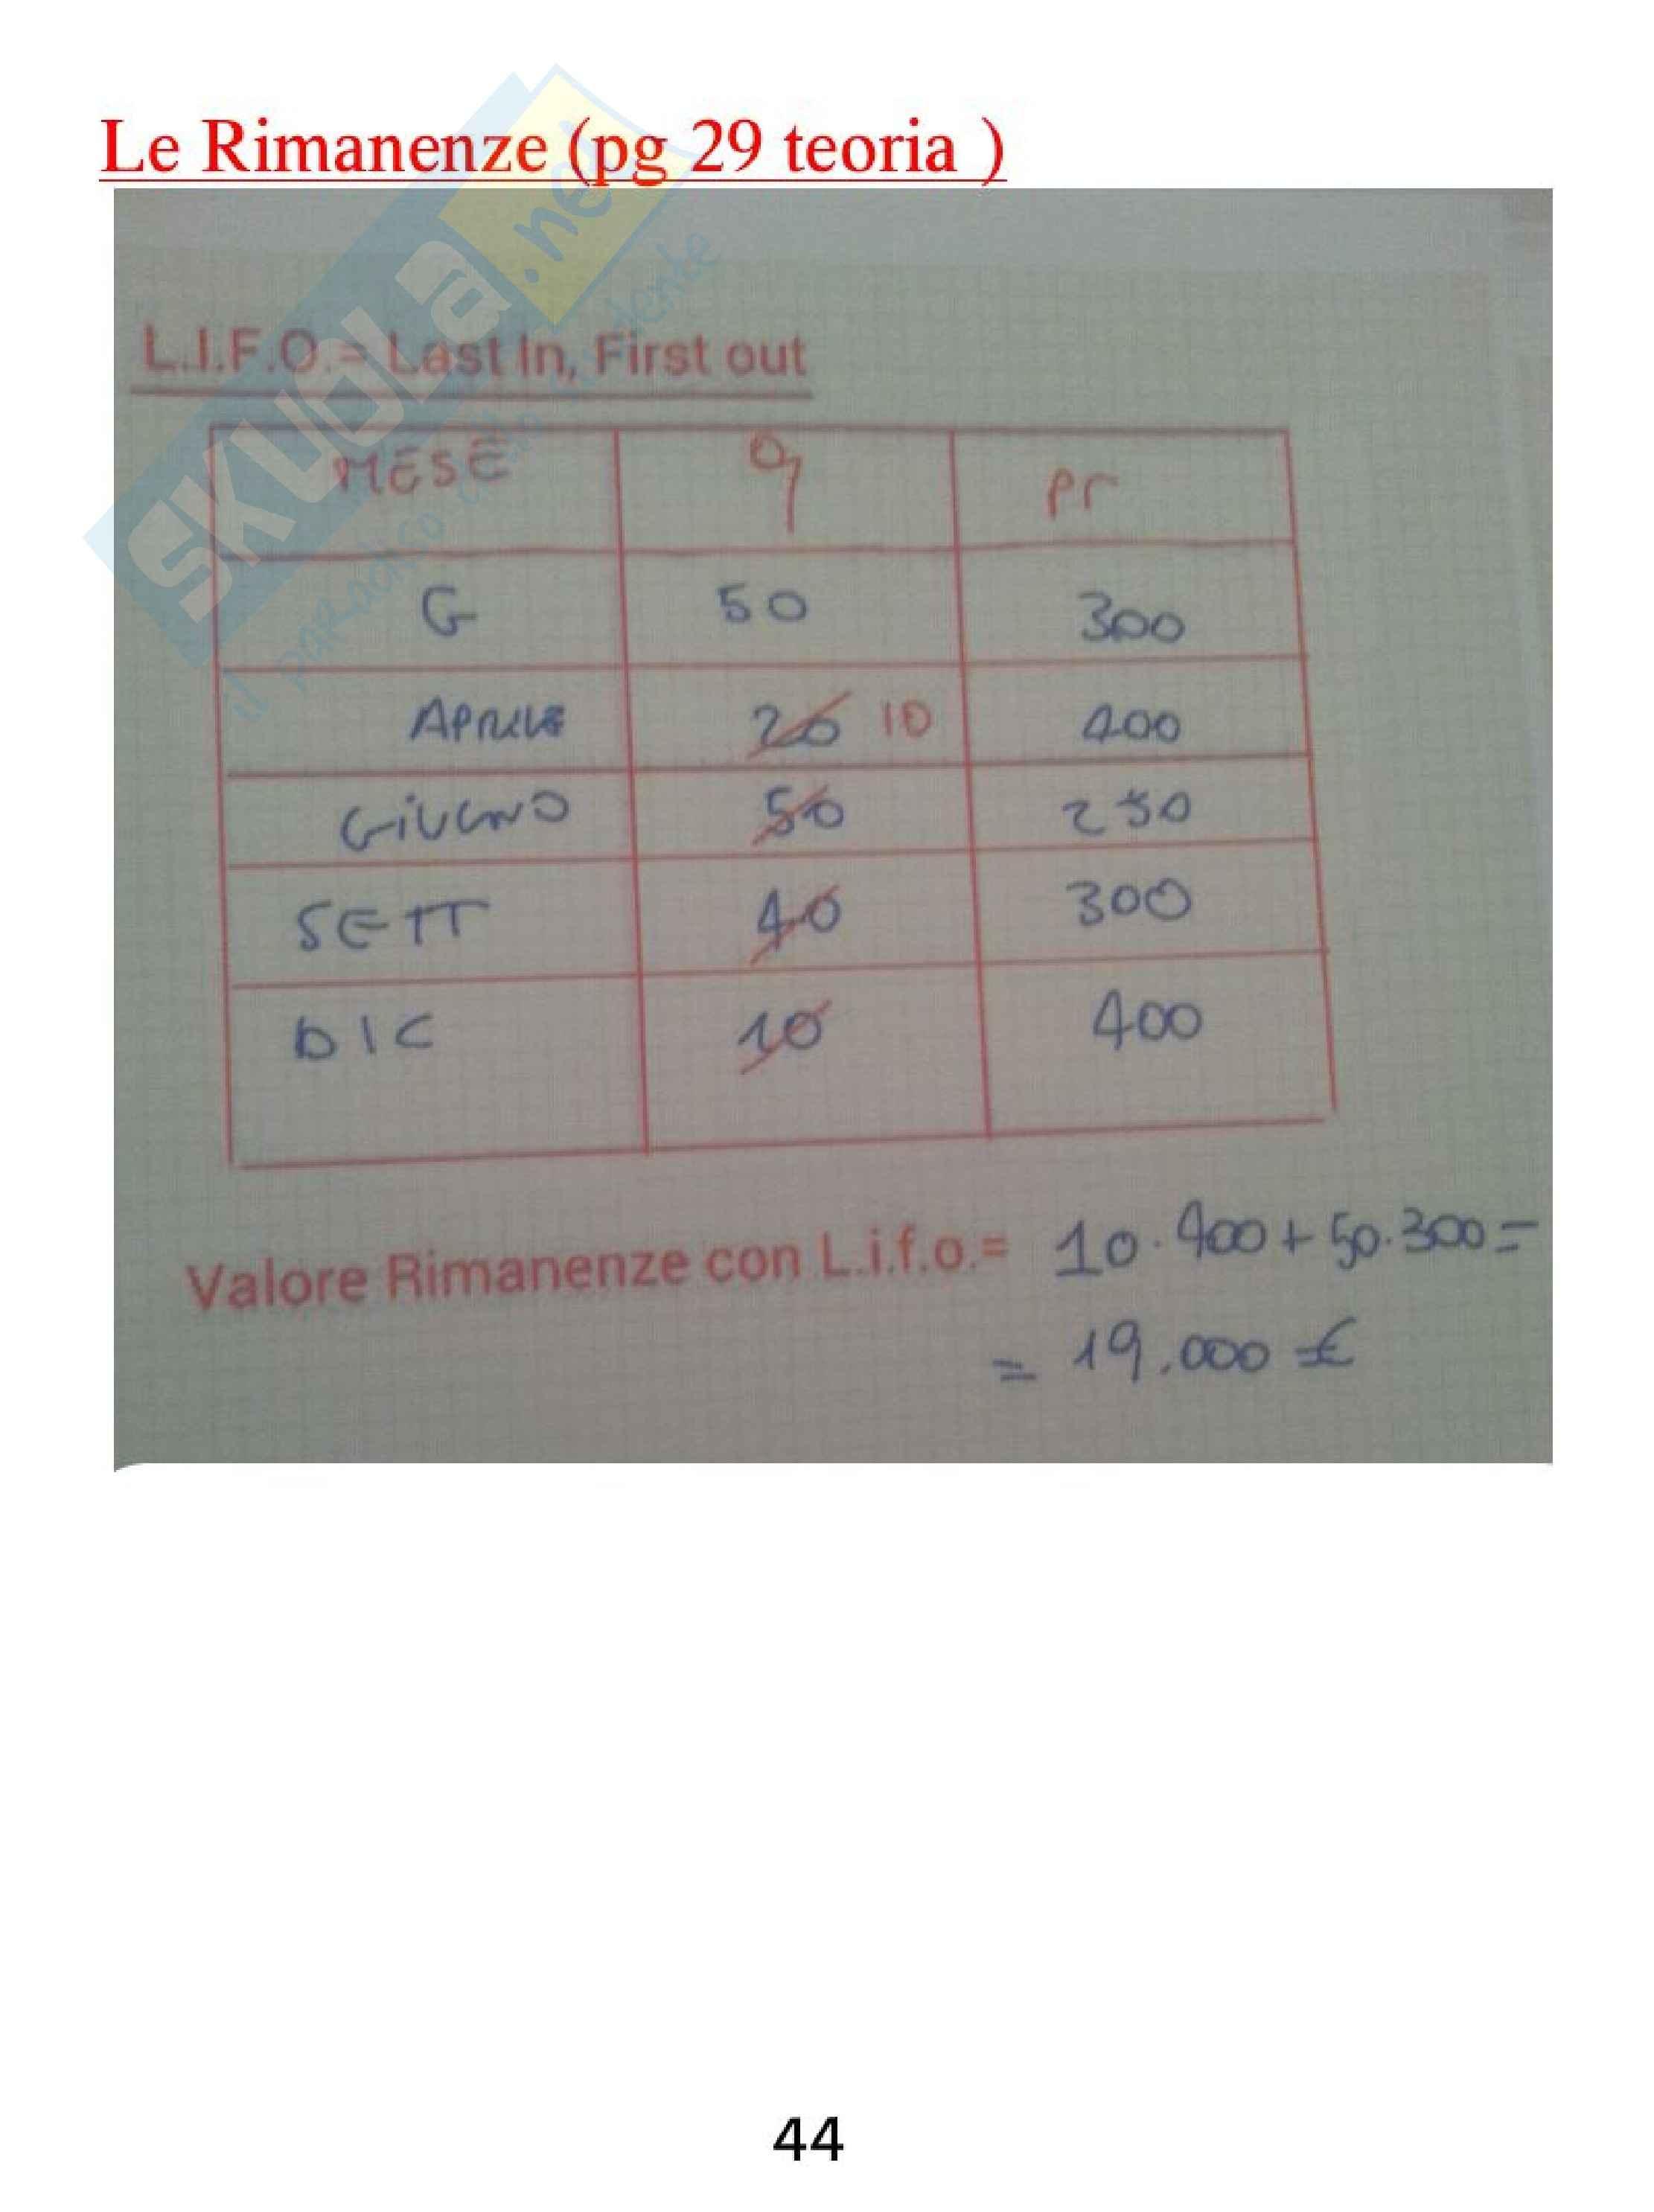 Bilancio - Appunti Pag. 46